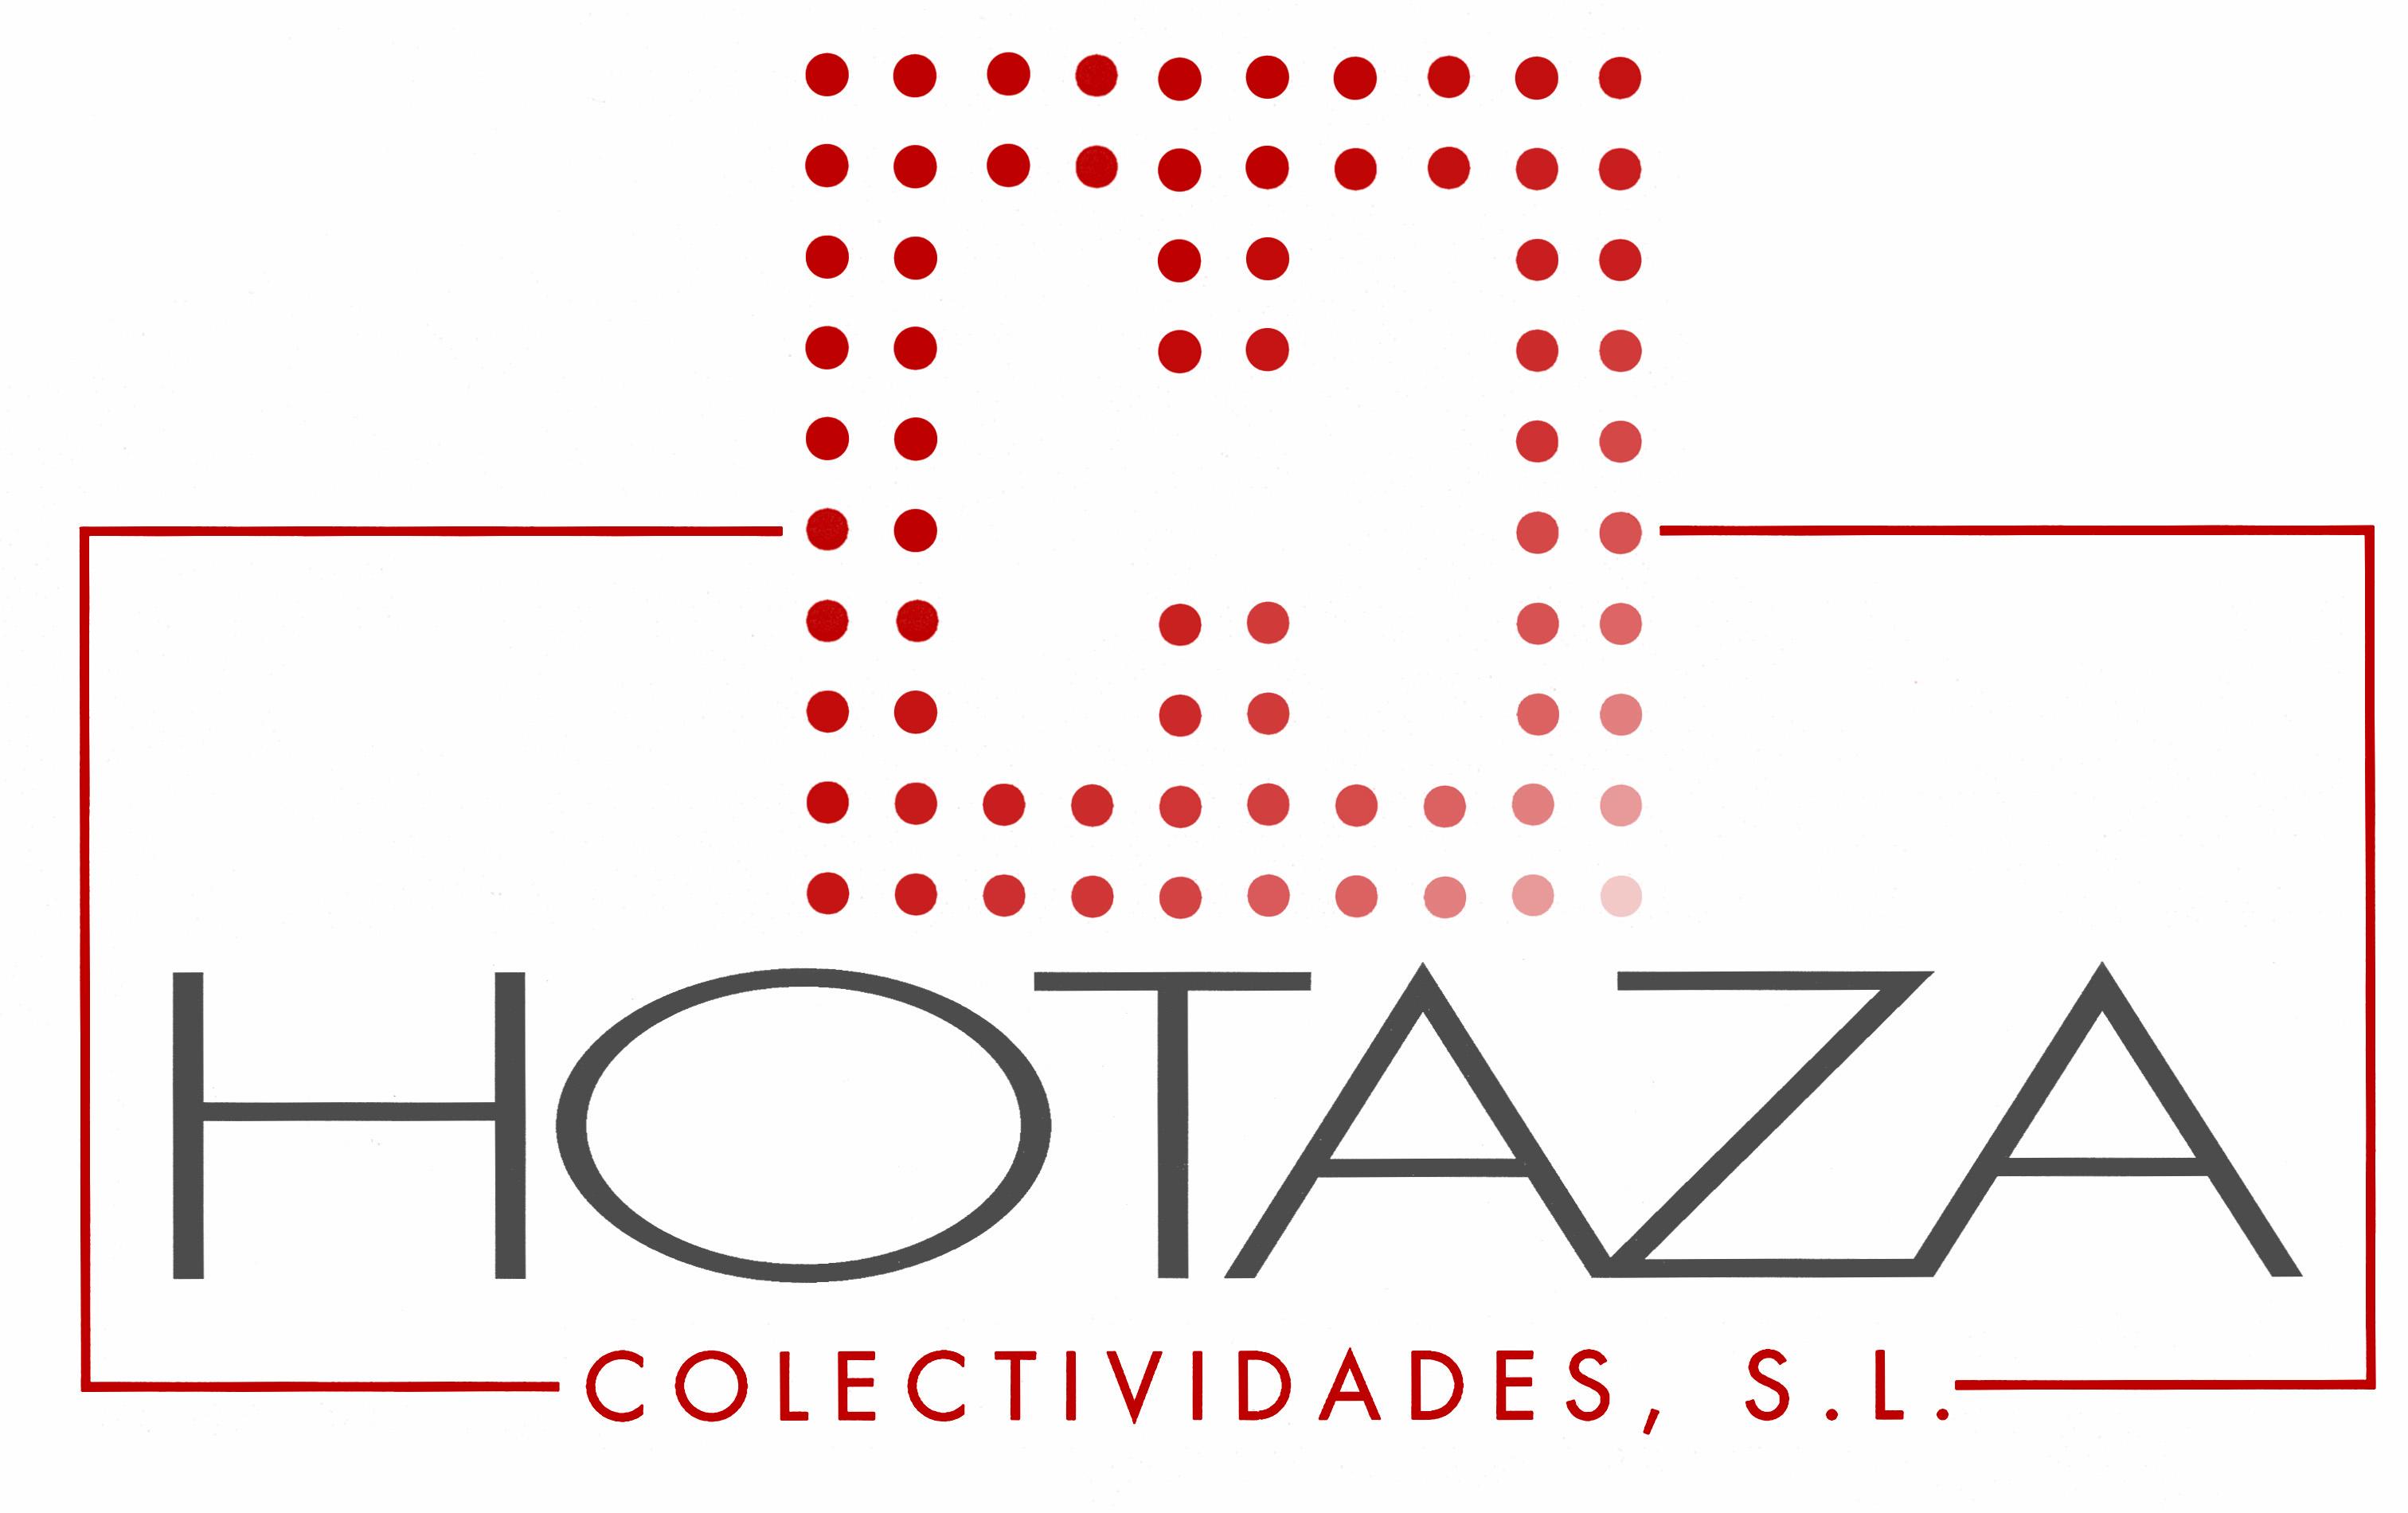 Hotaza – Gestión Integral de Servicios de Restauración a Colectividades